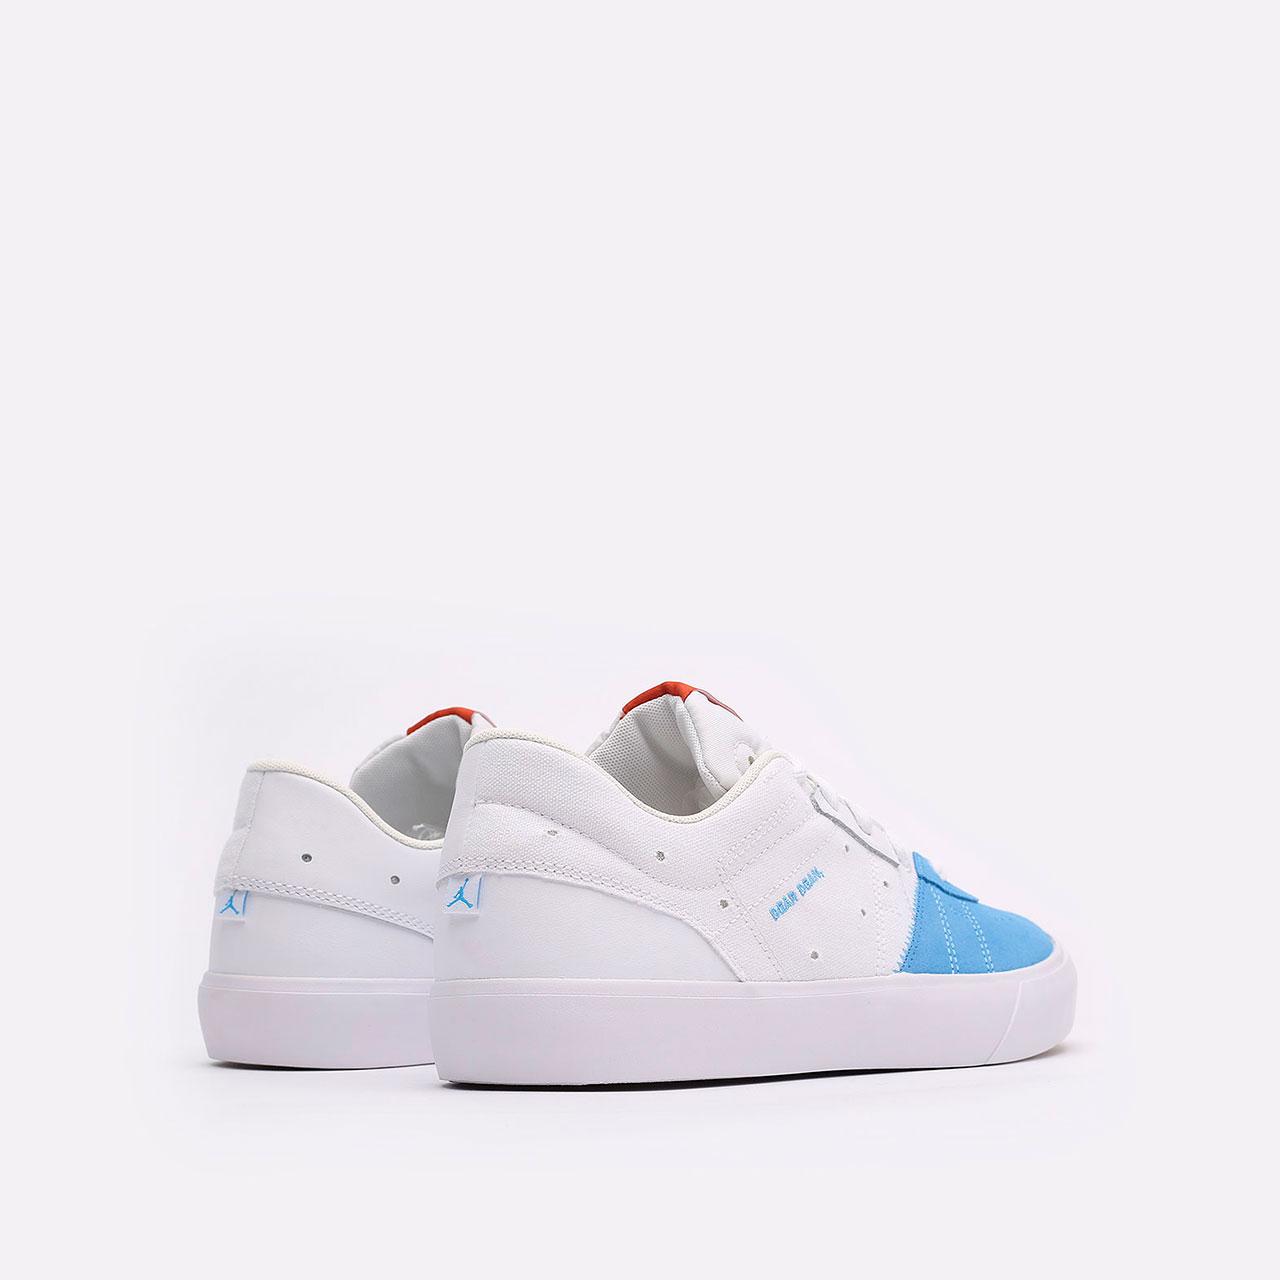 мужские голубые, белые  кроссовки jordan series.02 DJ0417-100 - цена, описание, фото 3